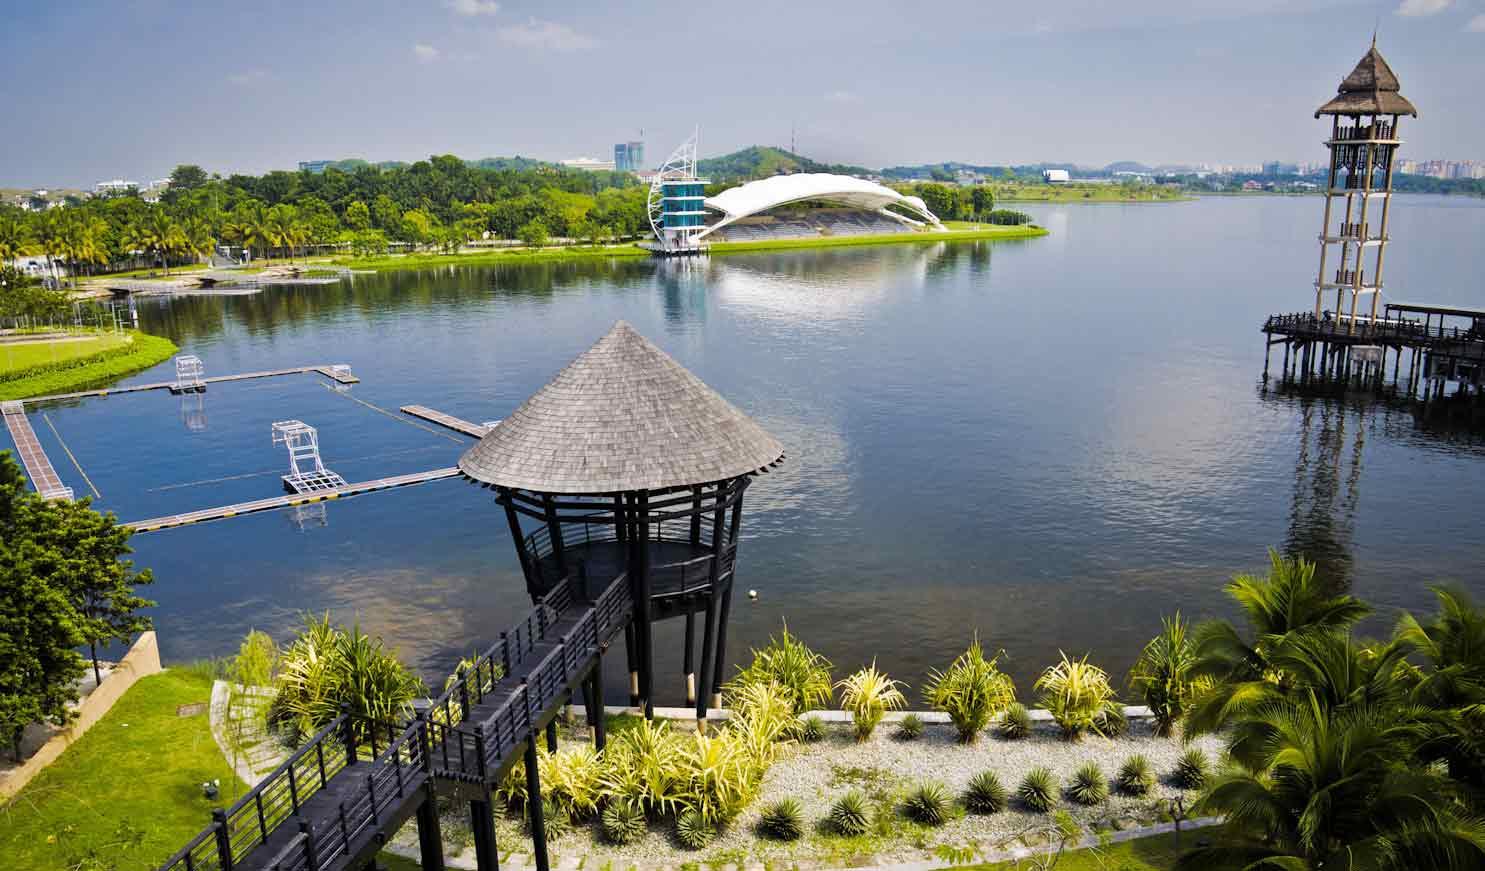 بحيرة بوتراجايا سيلانجور - اماكن سياحية في سيلانجور